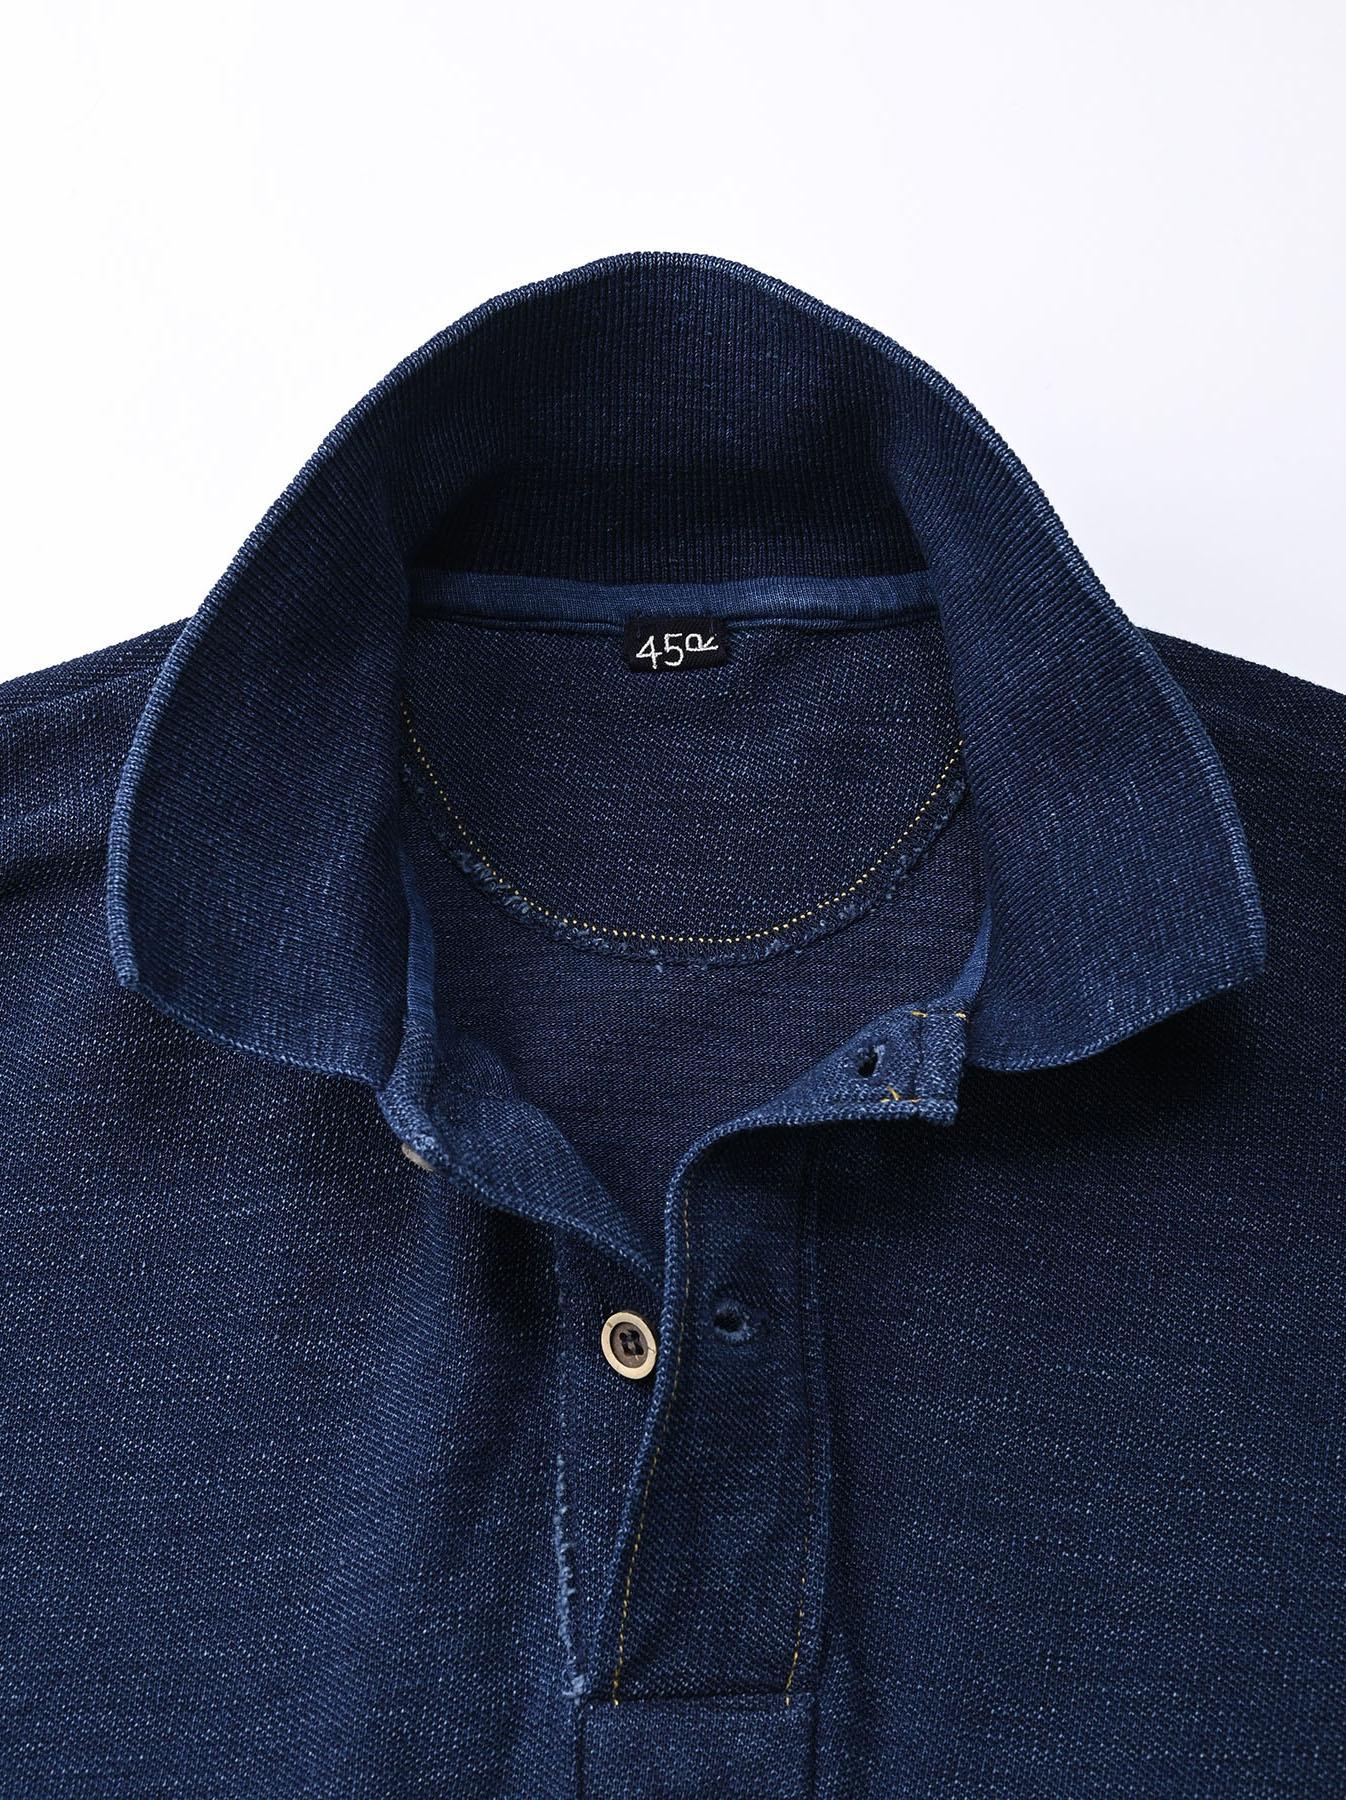 Indigo Kanoko Ocean Shiokaze Short-sleeved Polo Shirt (0521)-8